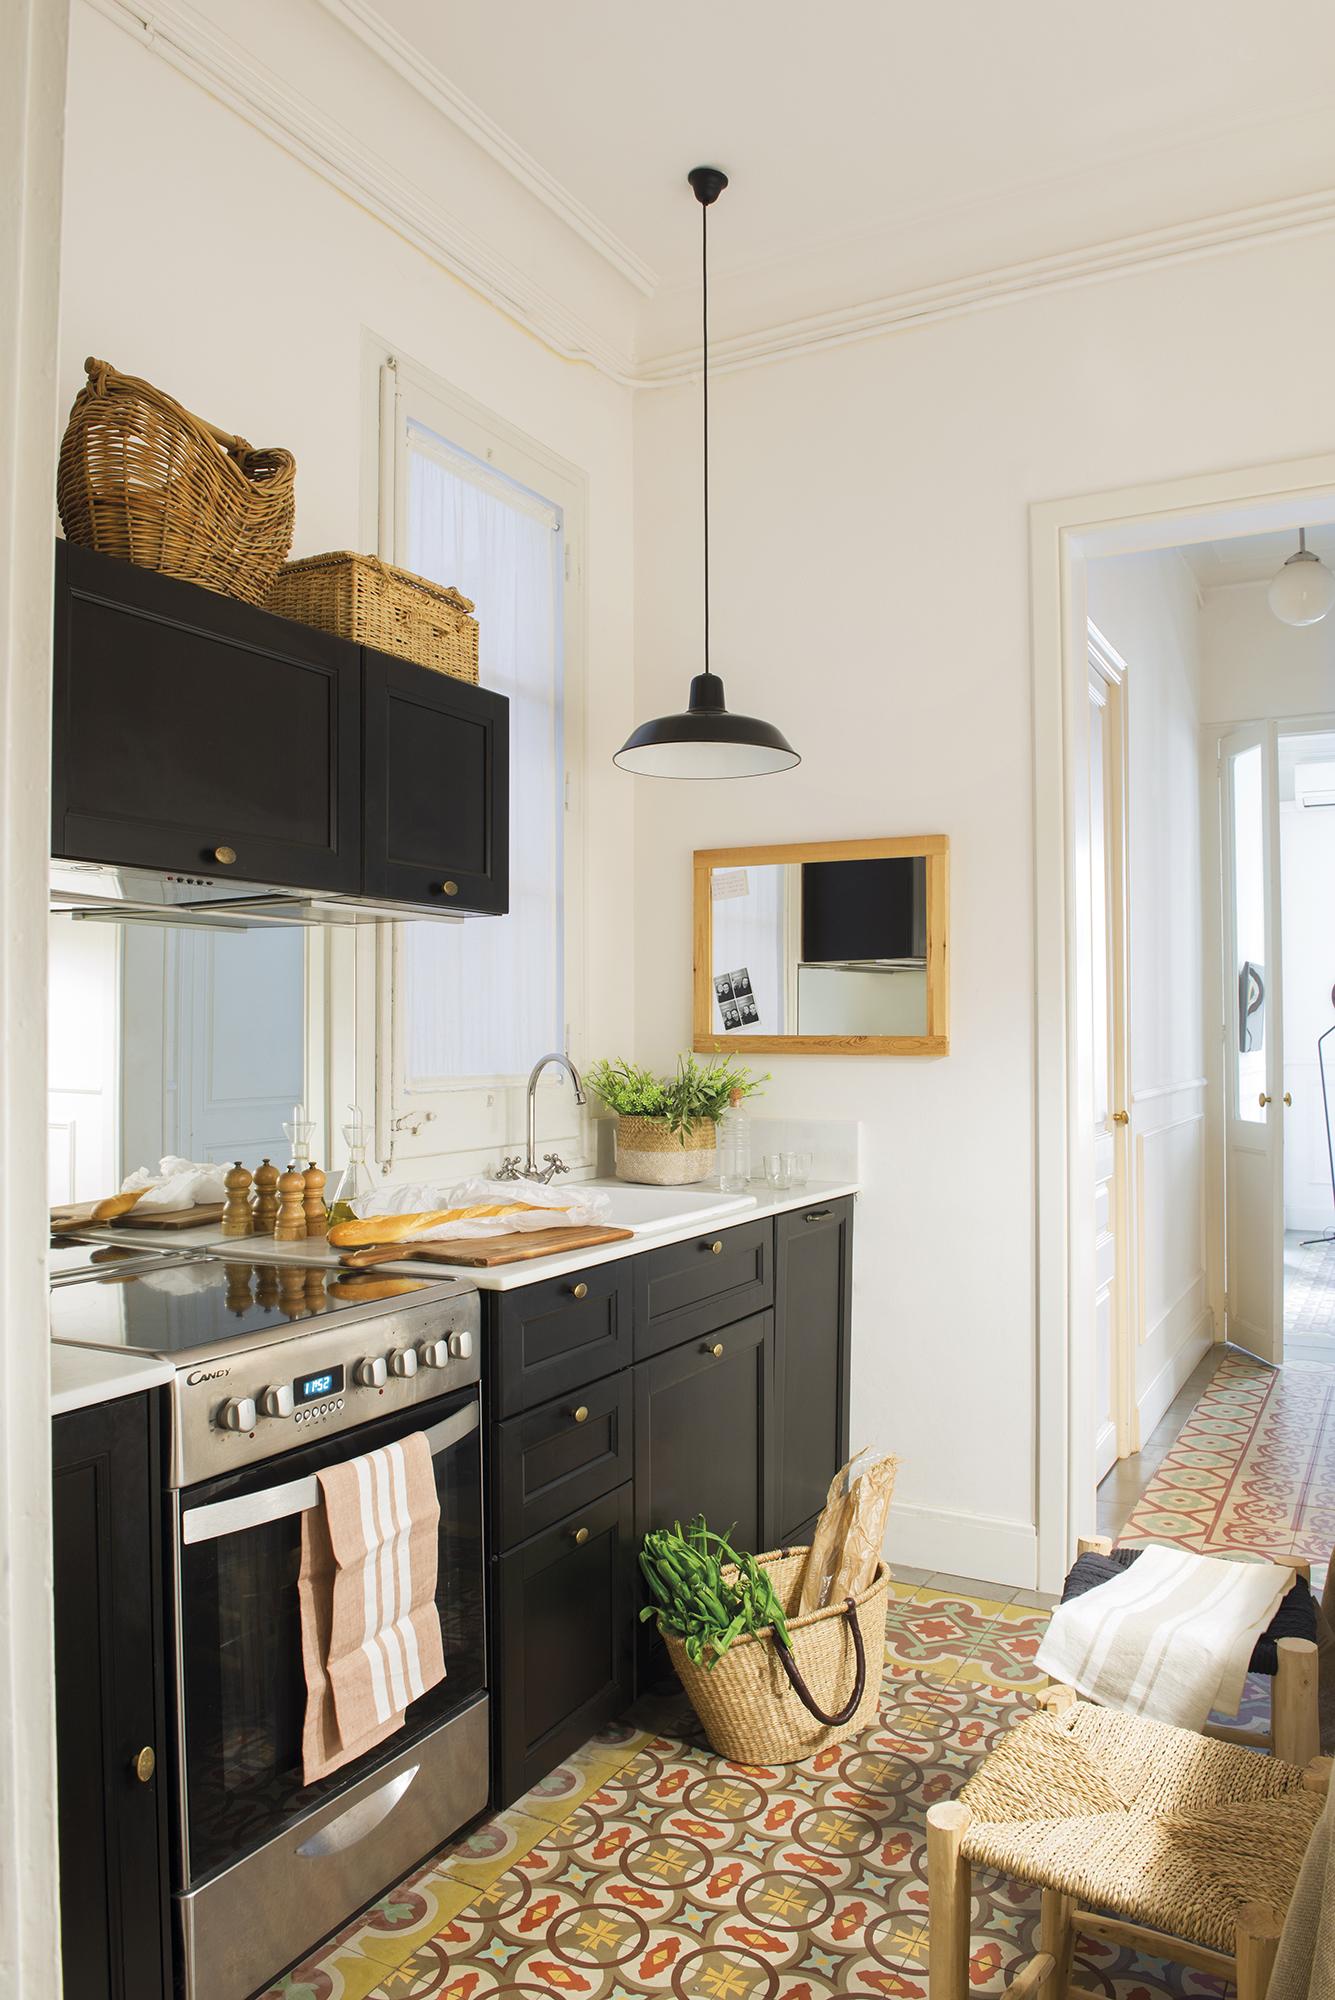 La cocina en la entrada fue la solución a esta casa pequeña